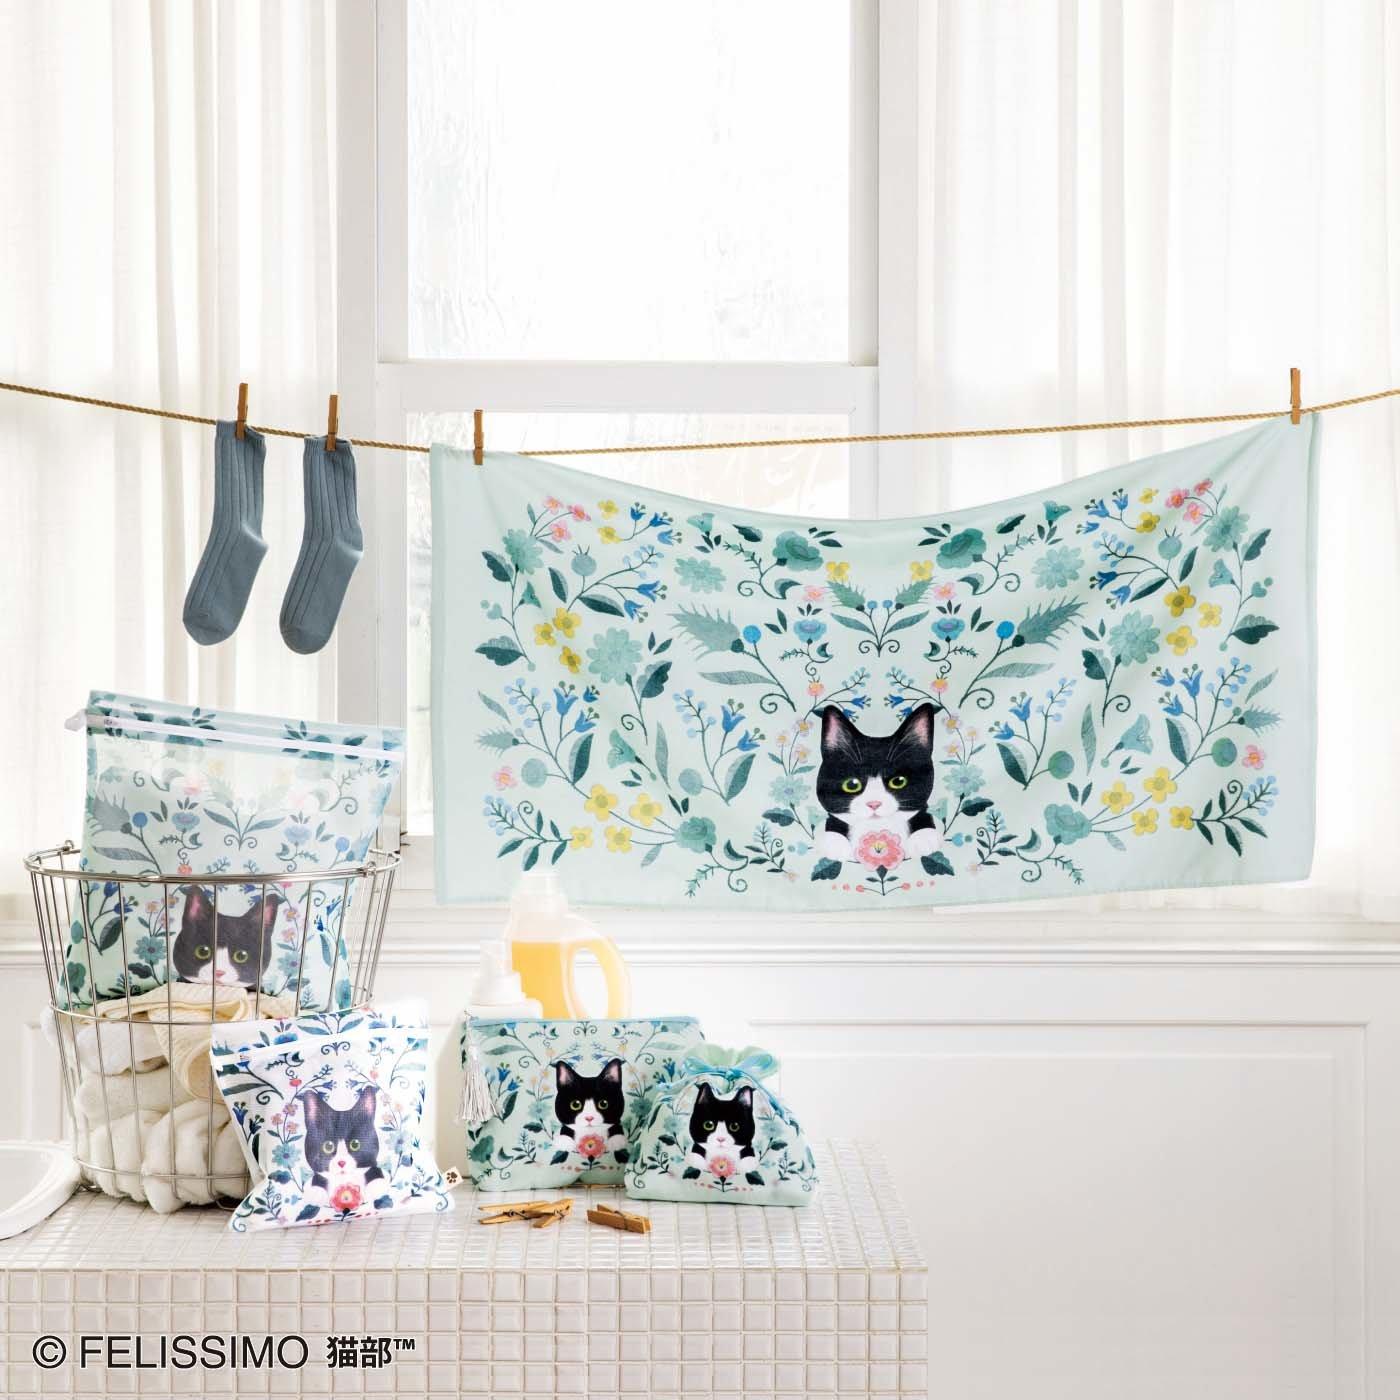 猫部 霜田有沙さんが描く 猫雑貨コレクションの会